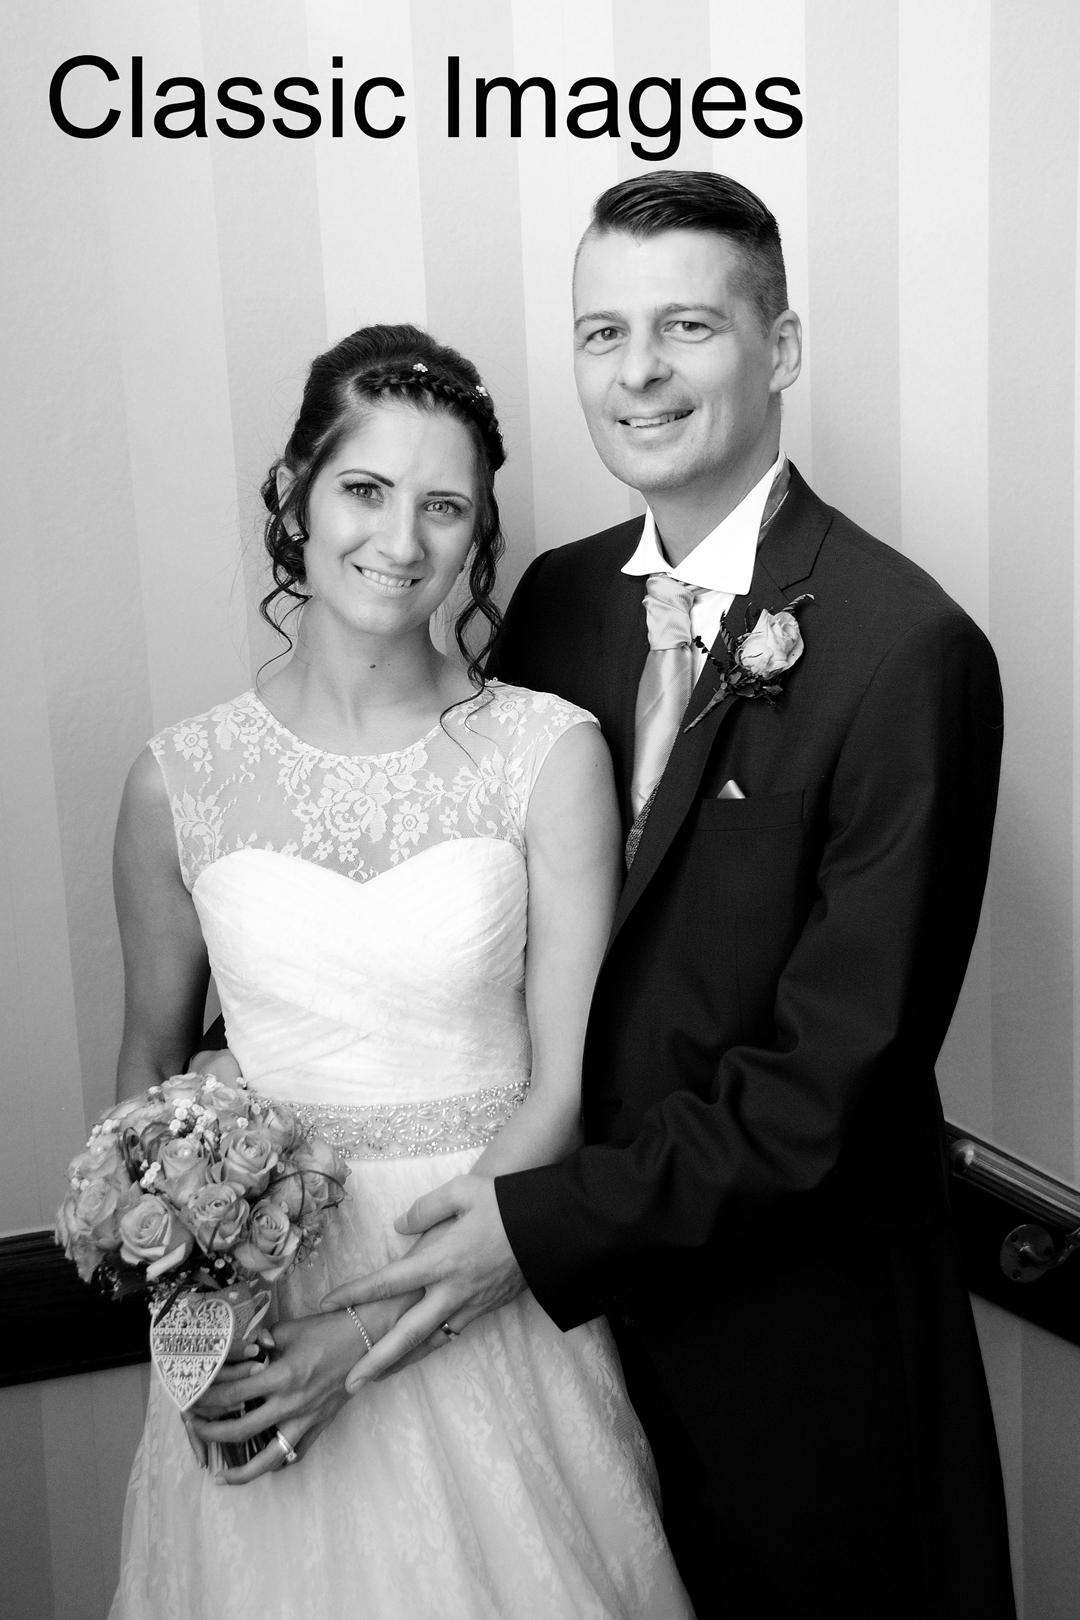 black-and-white-wedding-photo-burham-beeches-hotel